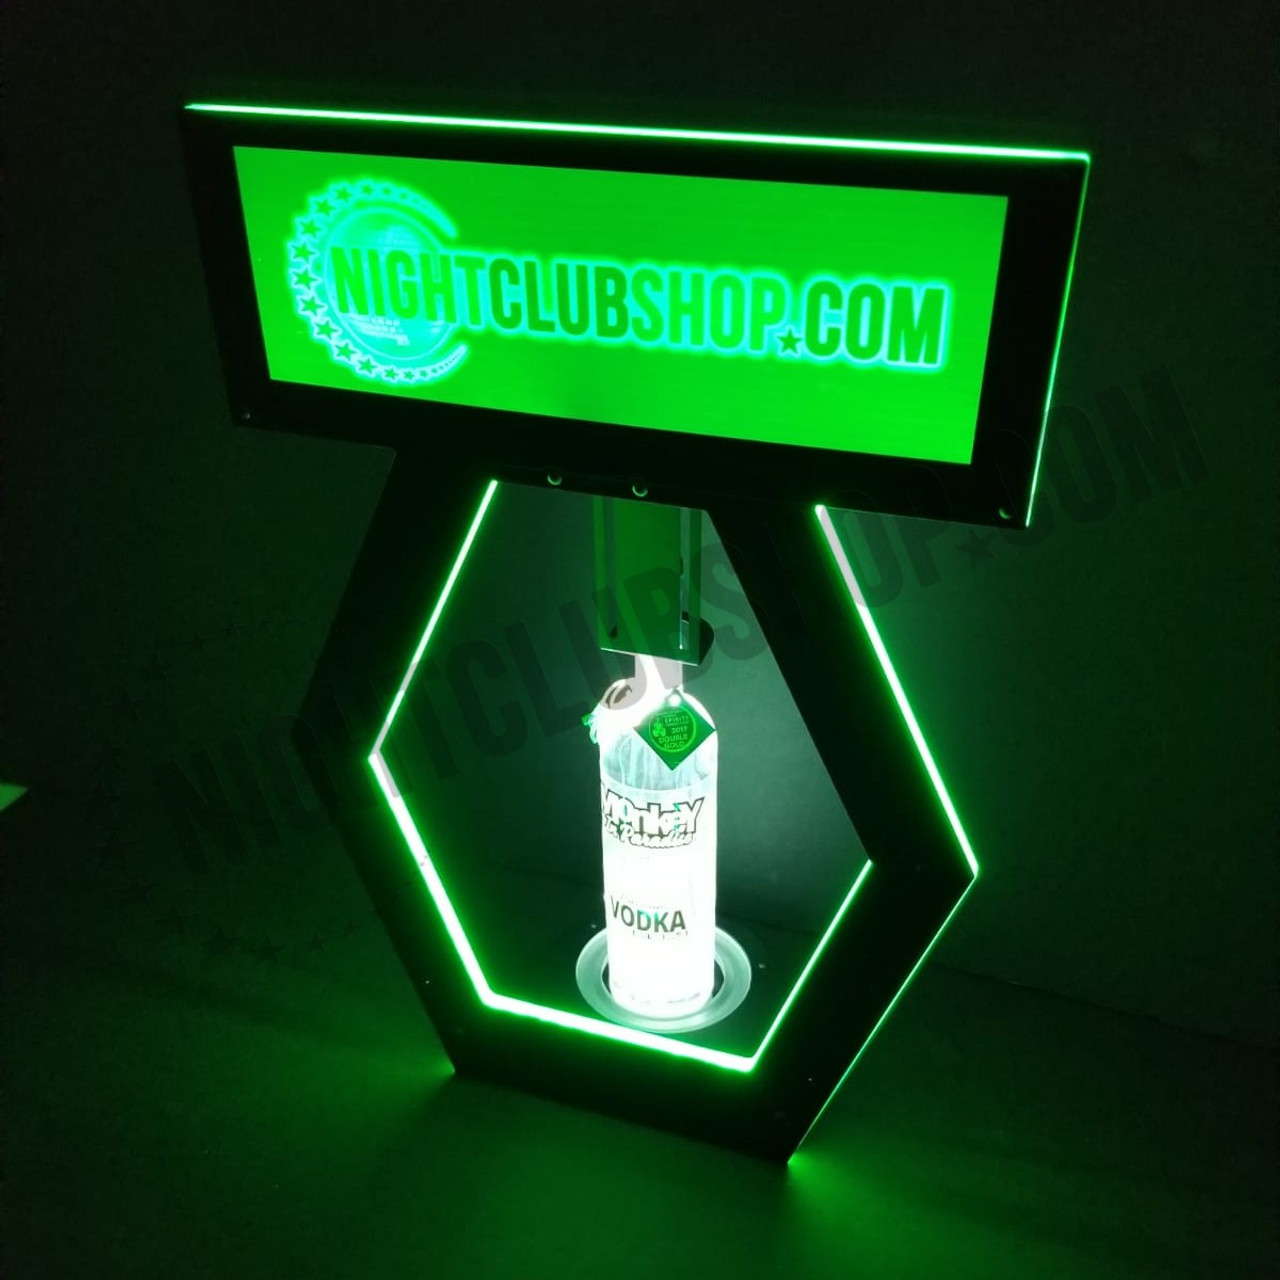 LED, RGB, Remote, Control, DMXR, RF,Glow, Wireless, Nightclubshop, Bottle, Holder, Green